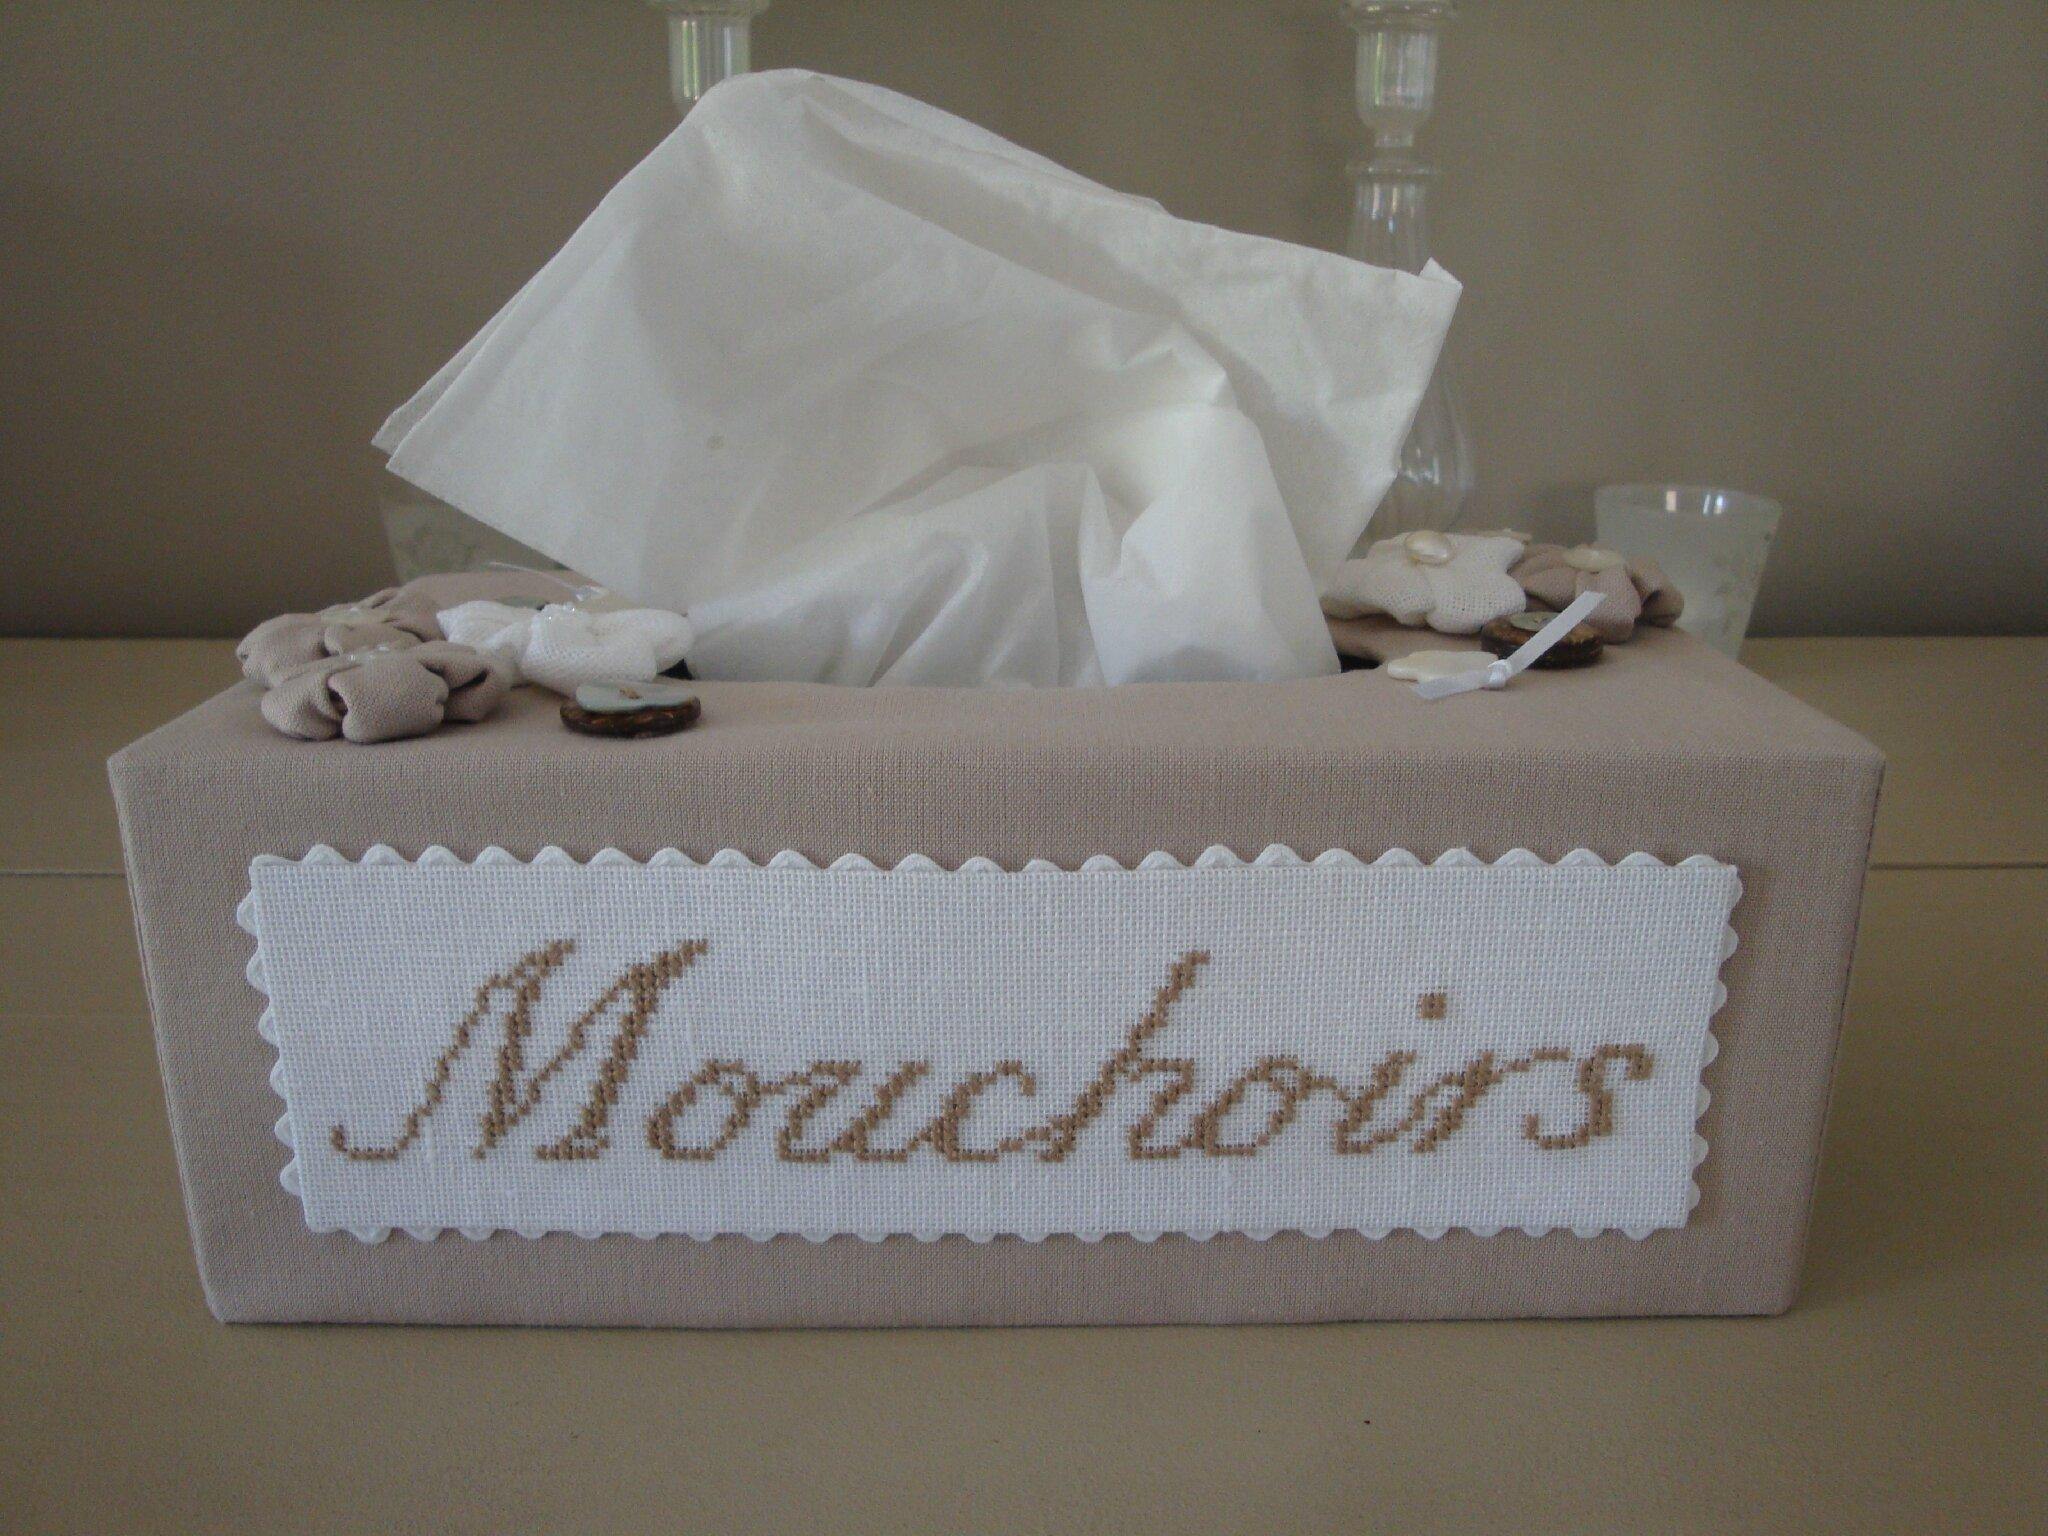 Boites mouchoirs c t broderie - Boite de mouchoirs personnalises ...